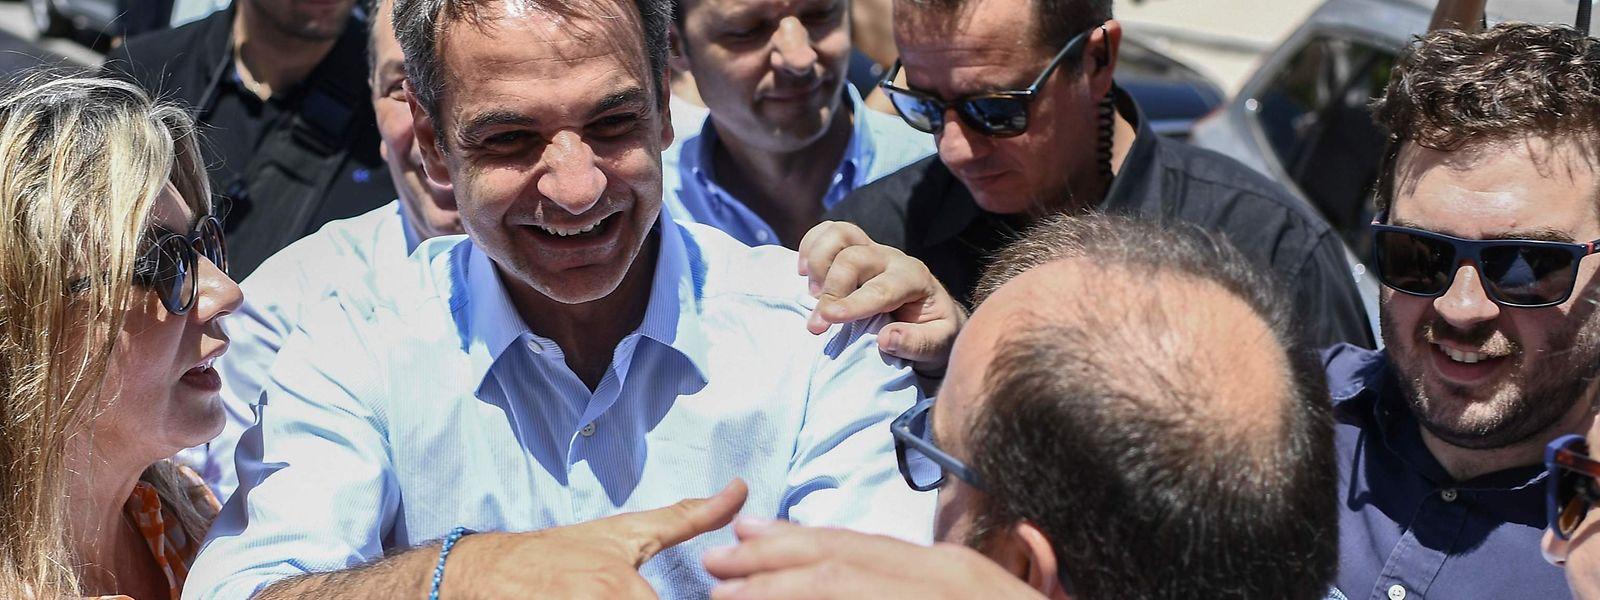 Der griechische Oppositionsführer Kyriakos Mitsotakis wird in der Stadt Almyros am 2. Juli begrüßt.